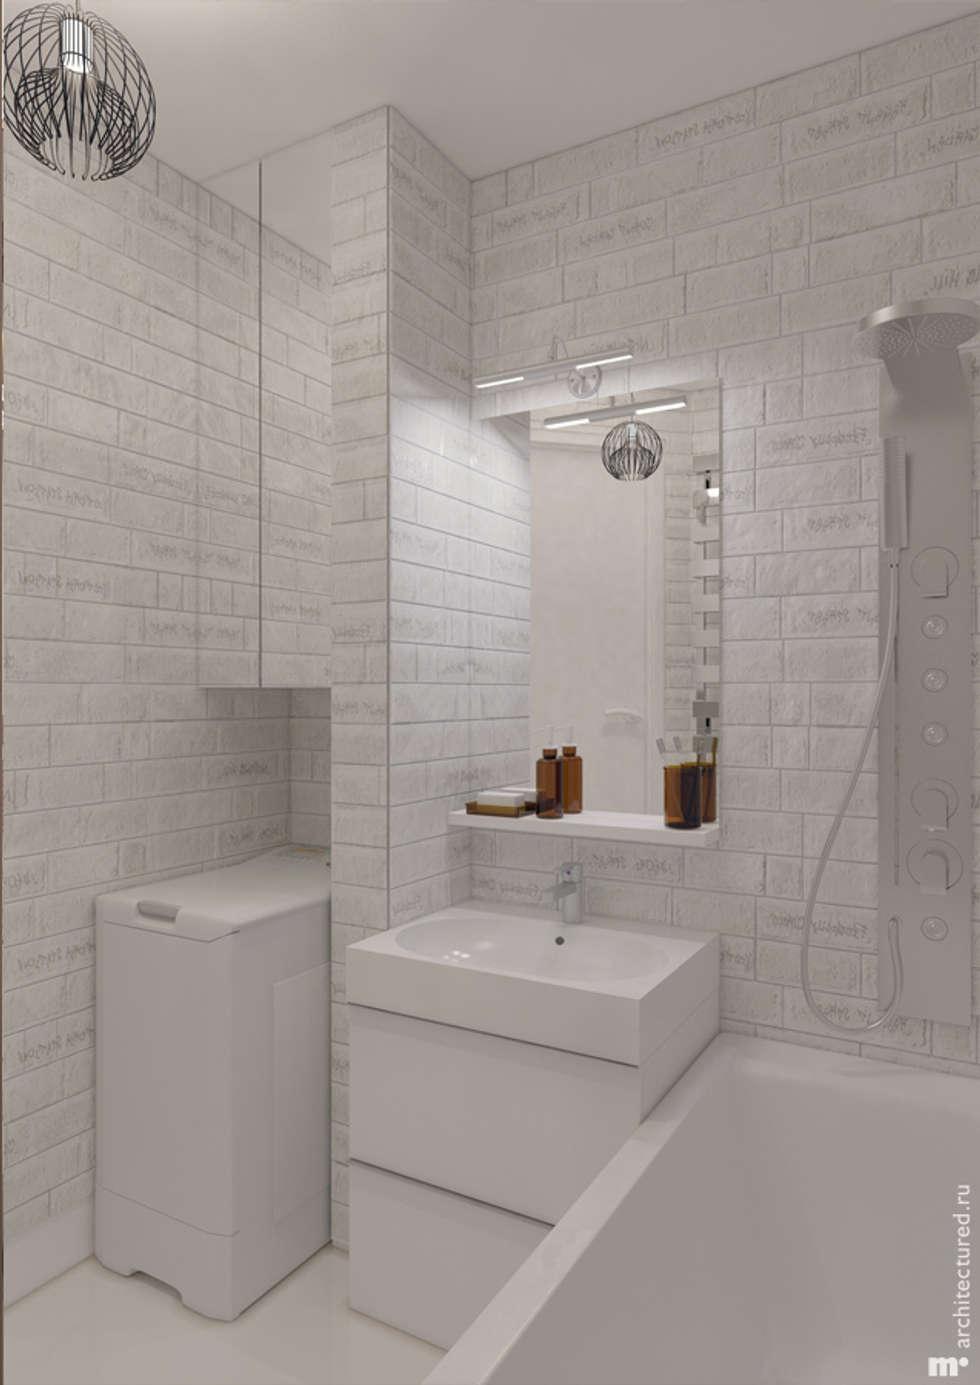 Ванная комната: Ванные комнаты в . Автор – Architectured - мастерская Маргариты Рассказовой